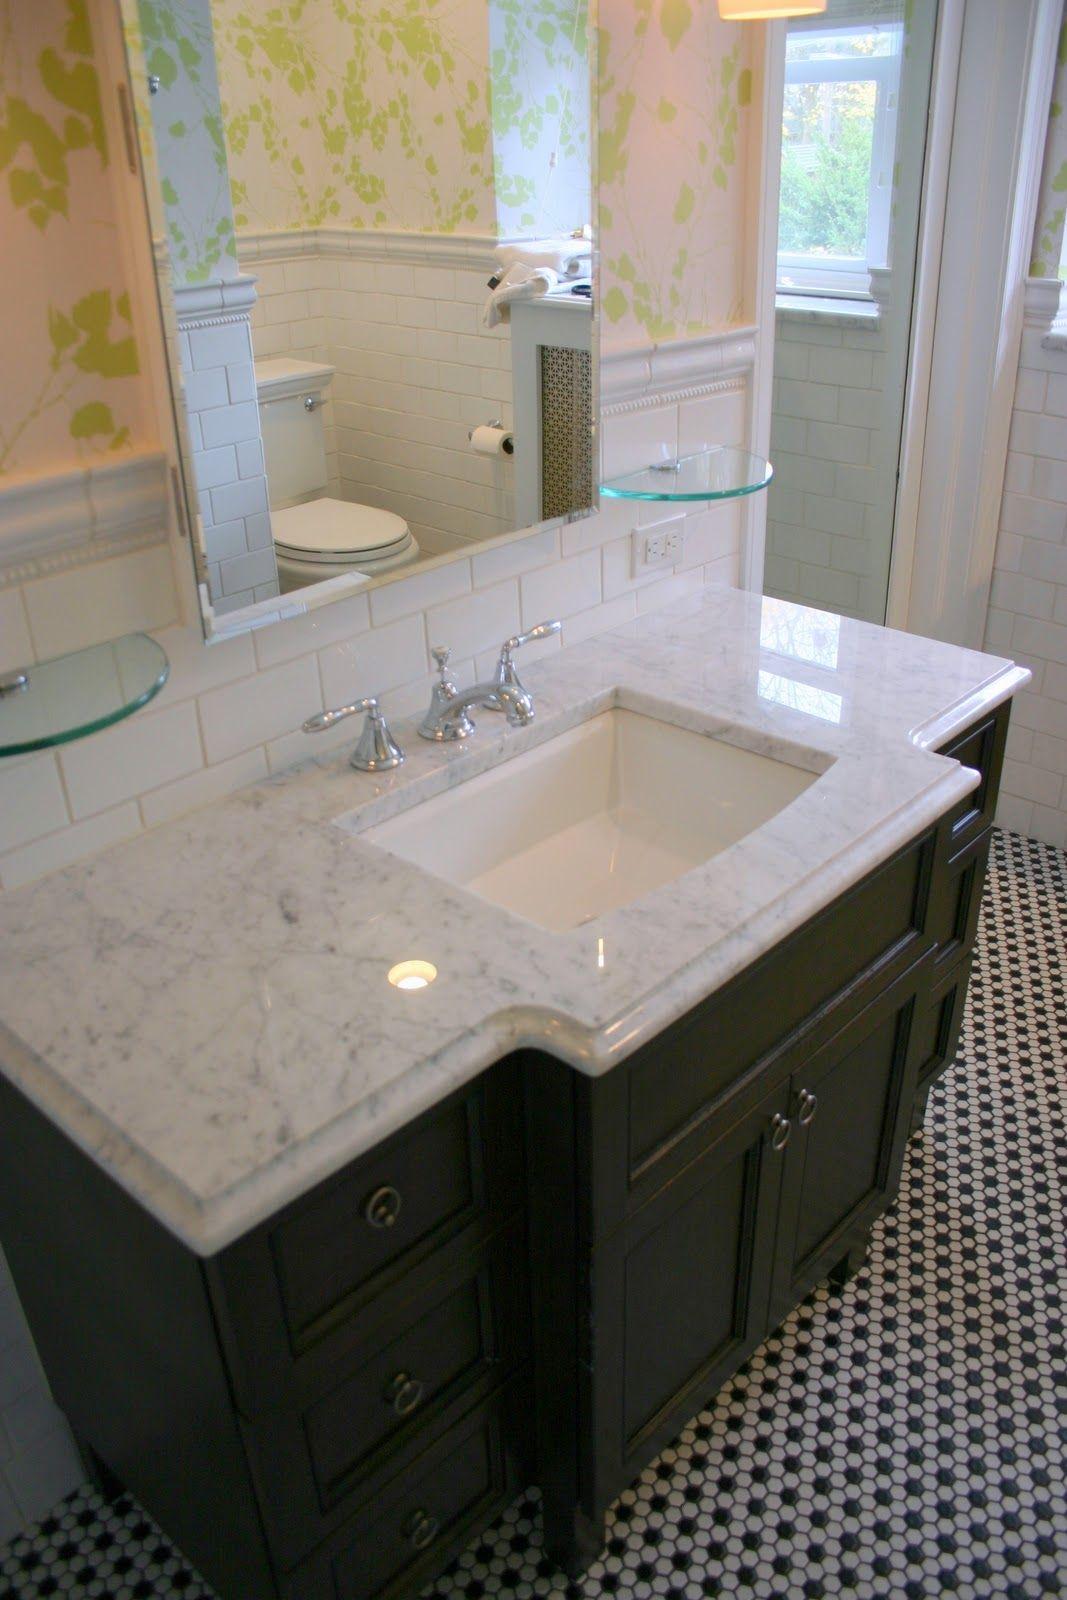 Small Bathroom hexagon Floor Tile Ideas | Bathroom Marble ...